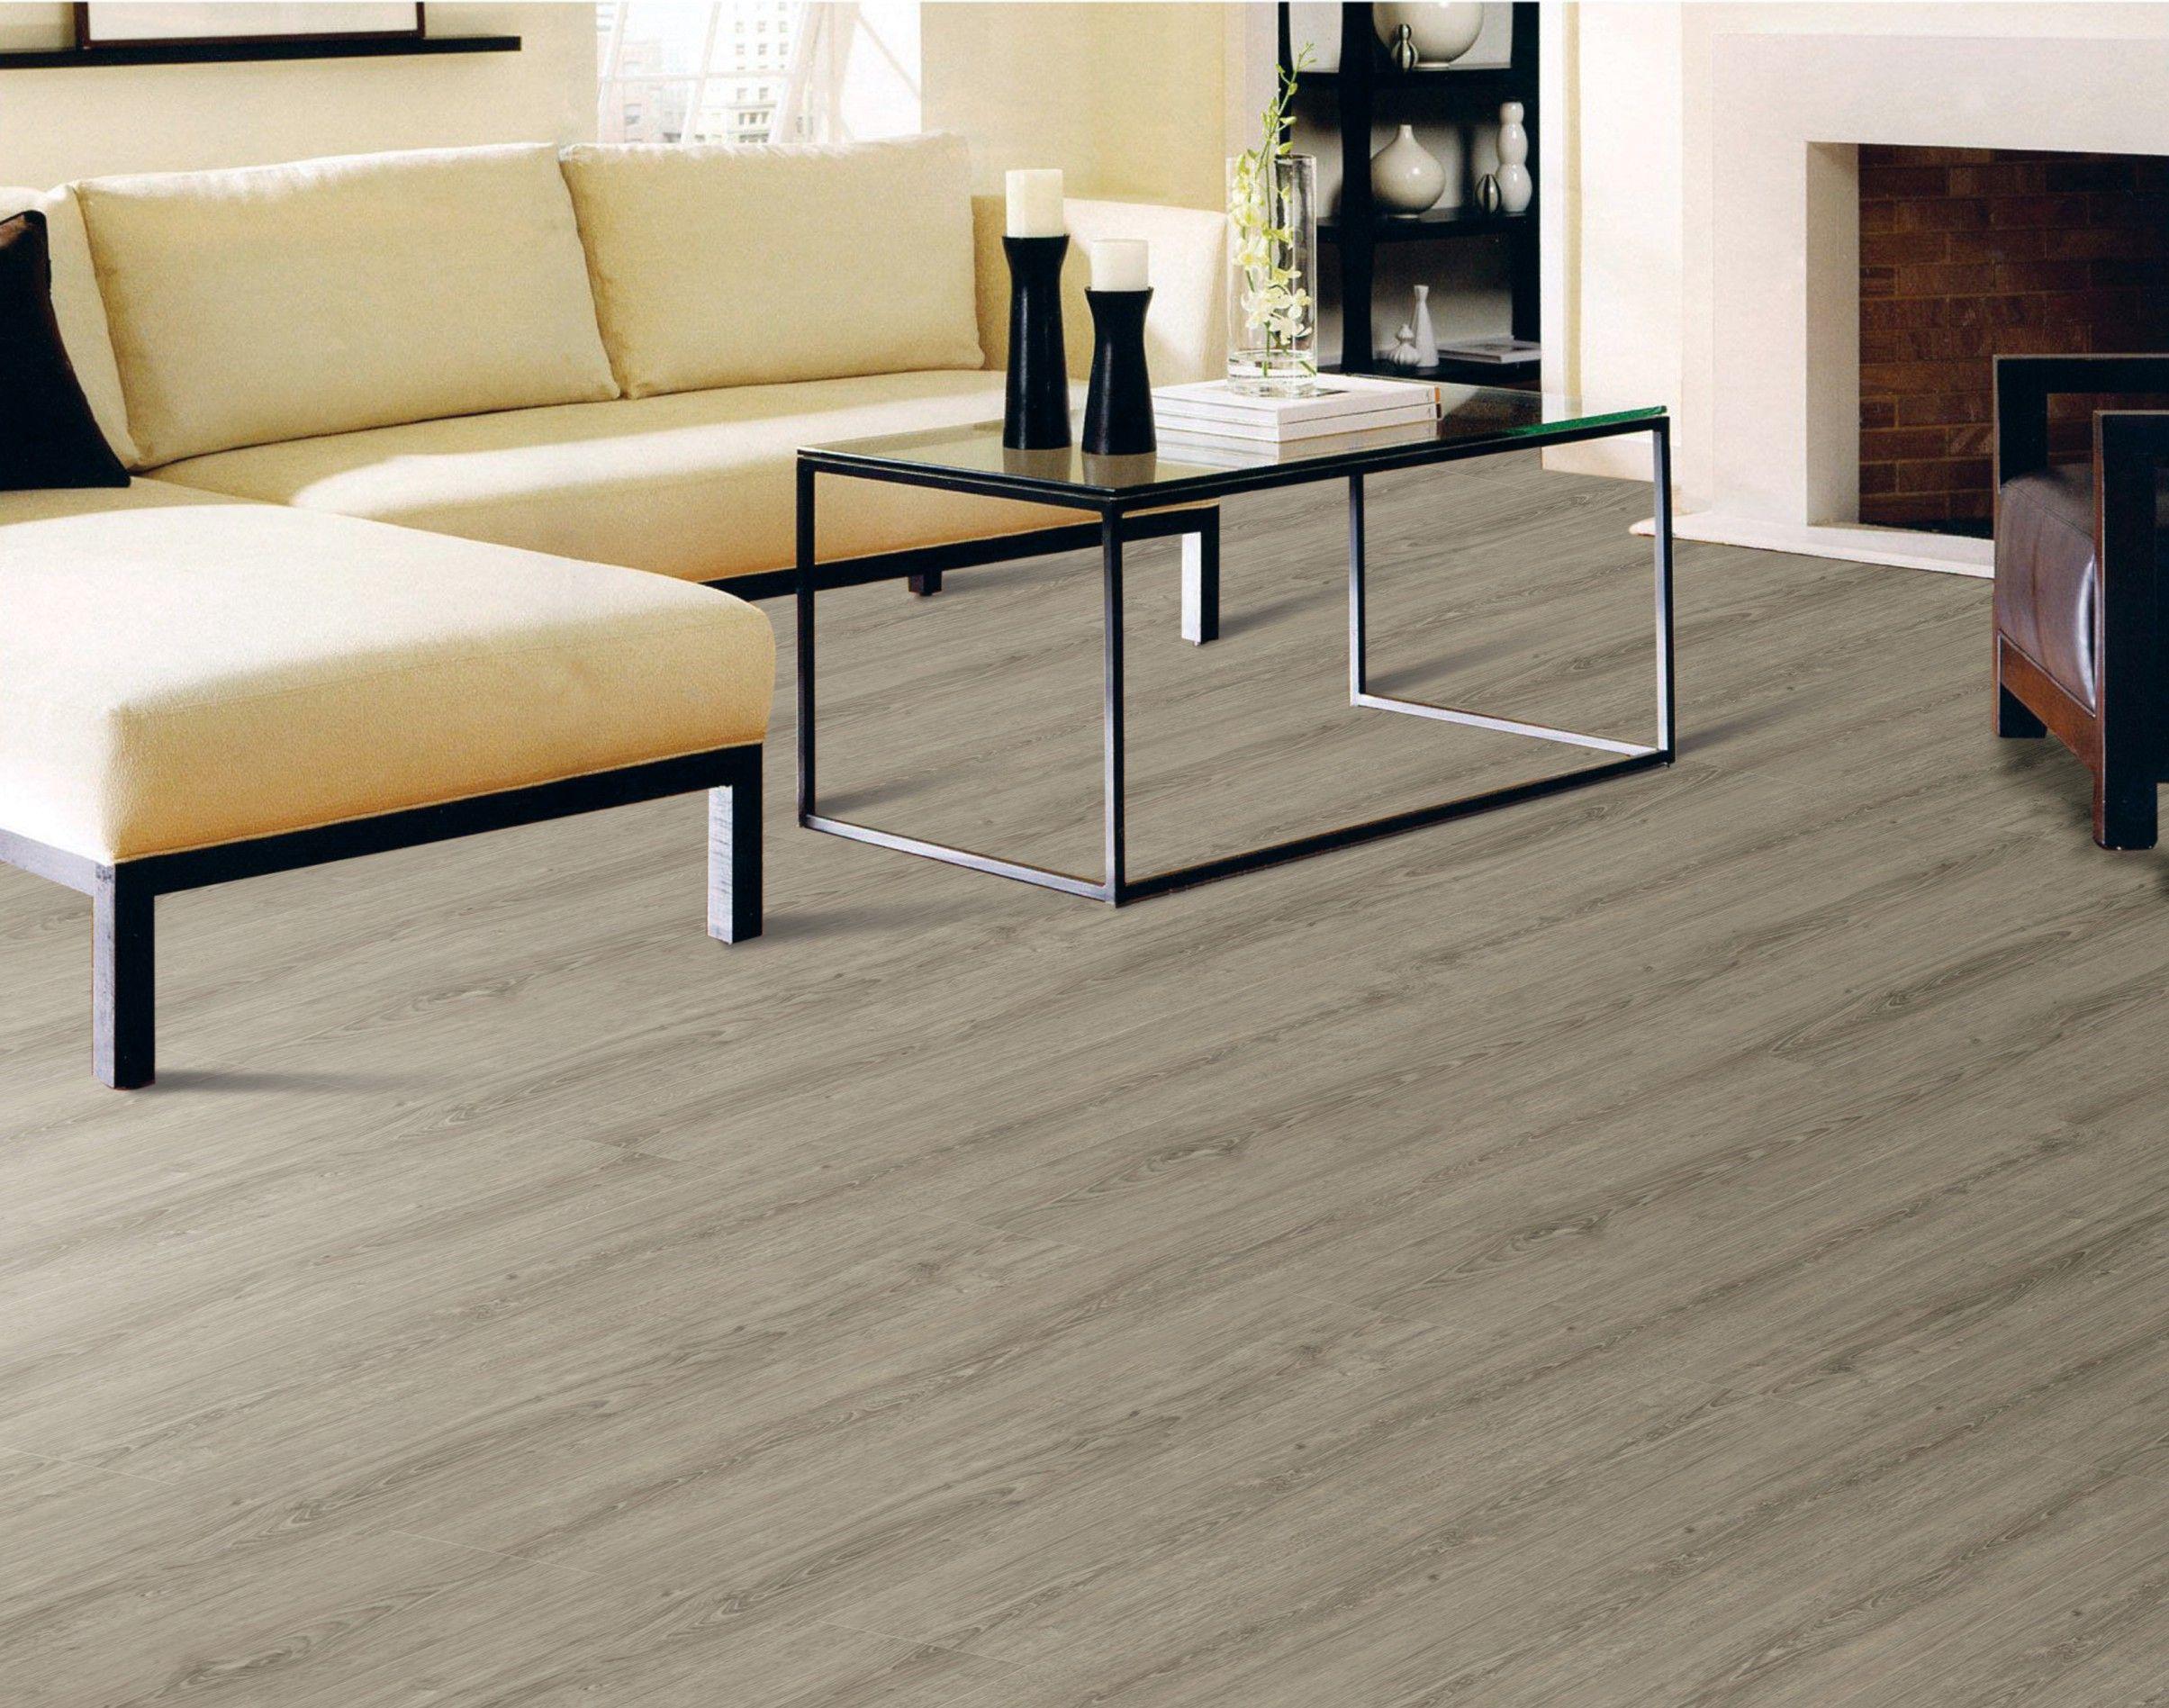 Pure mooie sterke pvc vloer zeer geschikt voor zwaar